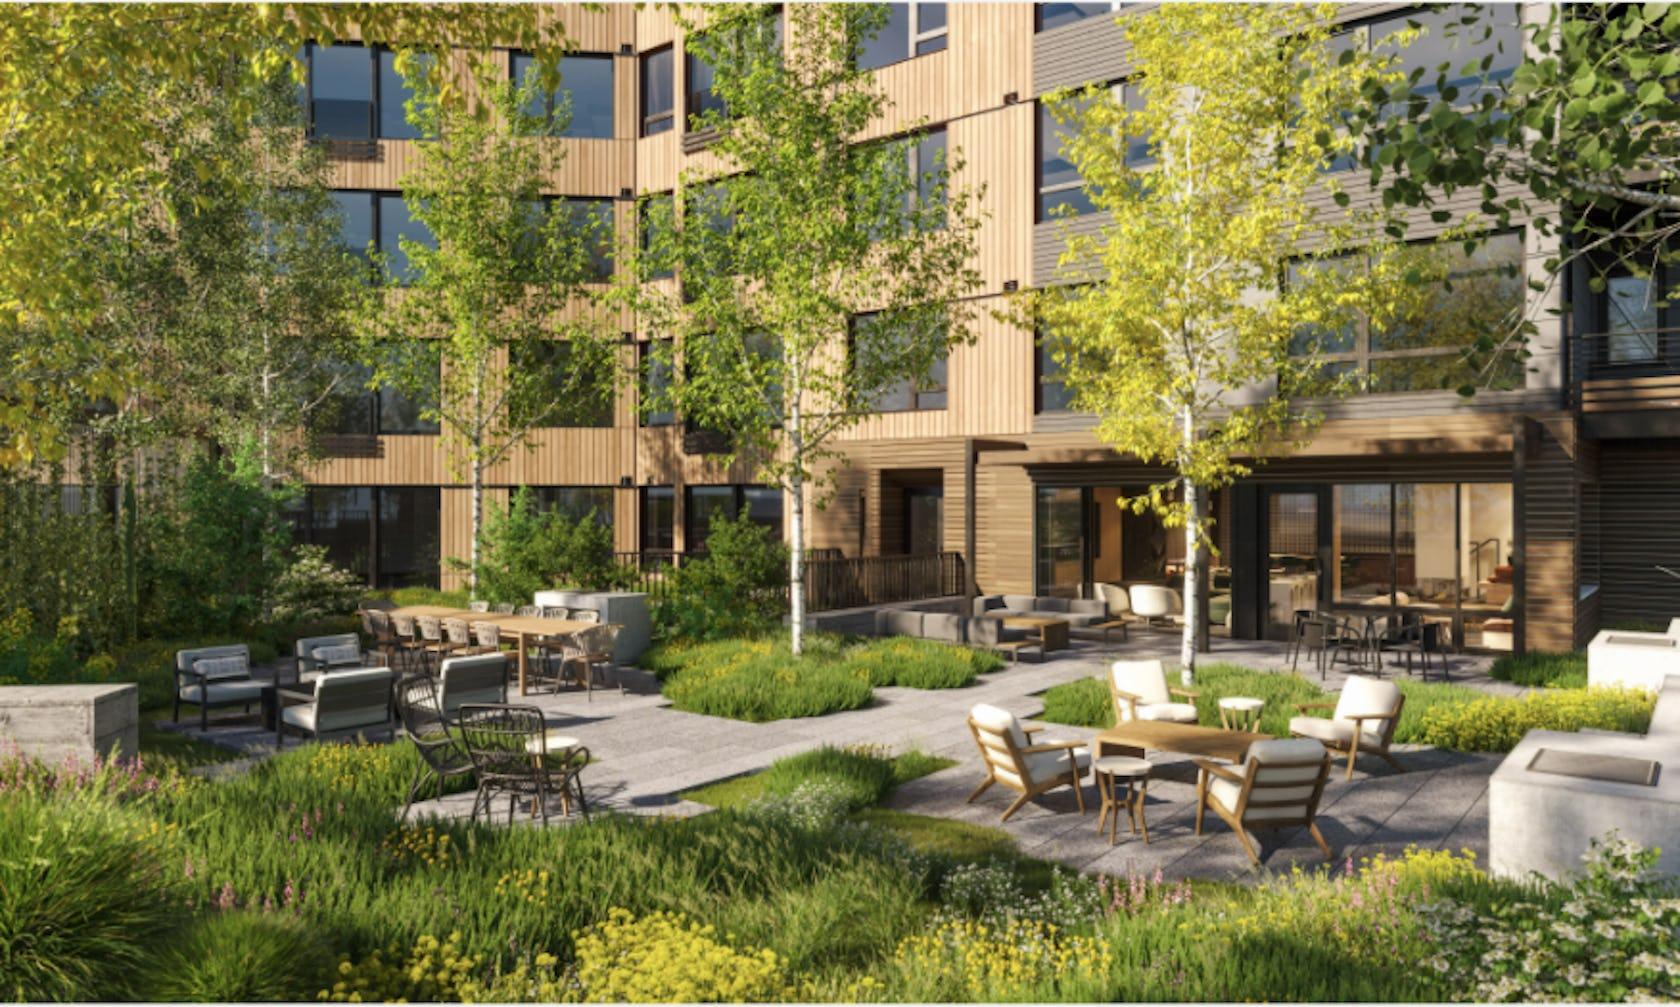 building chair furniture condo housing grass yard high rise city urban